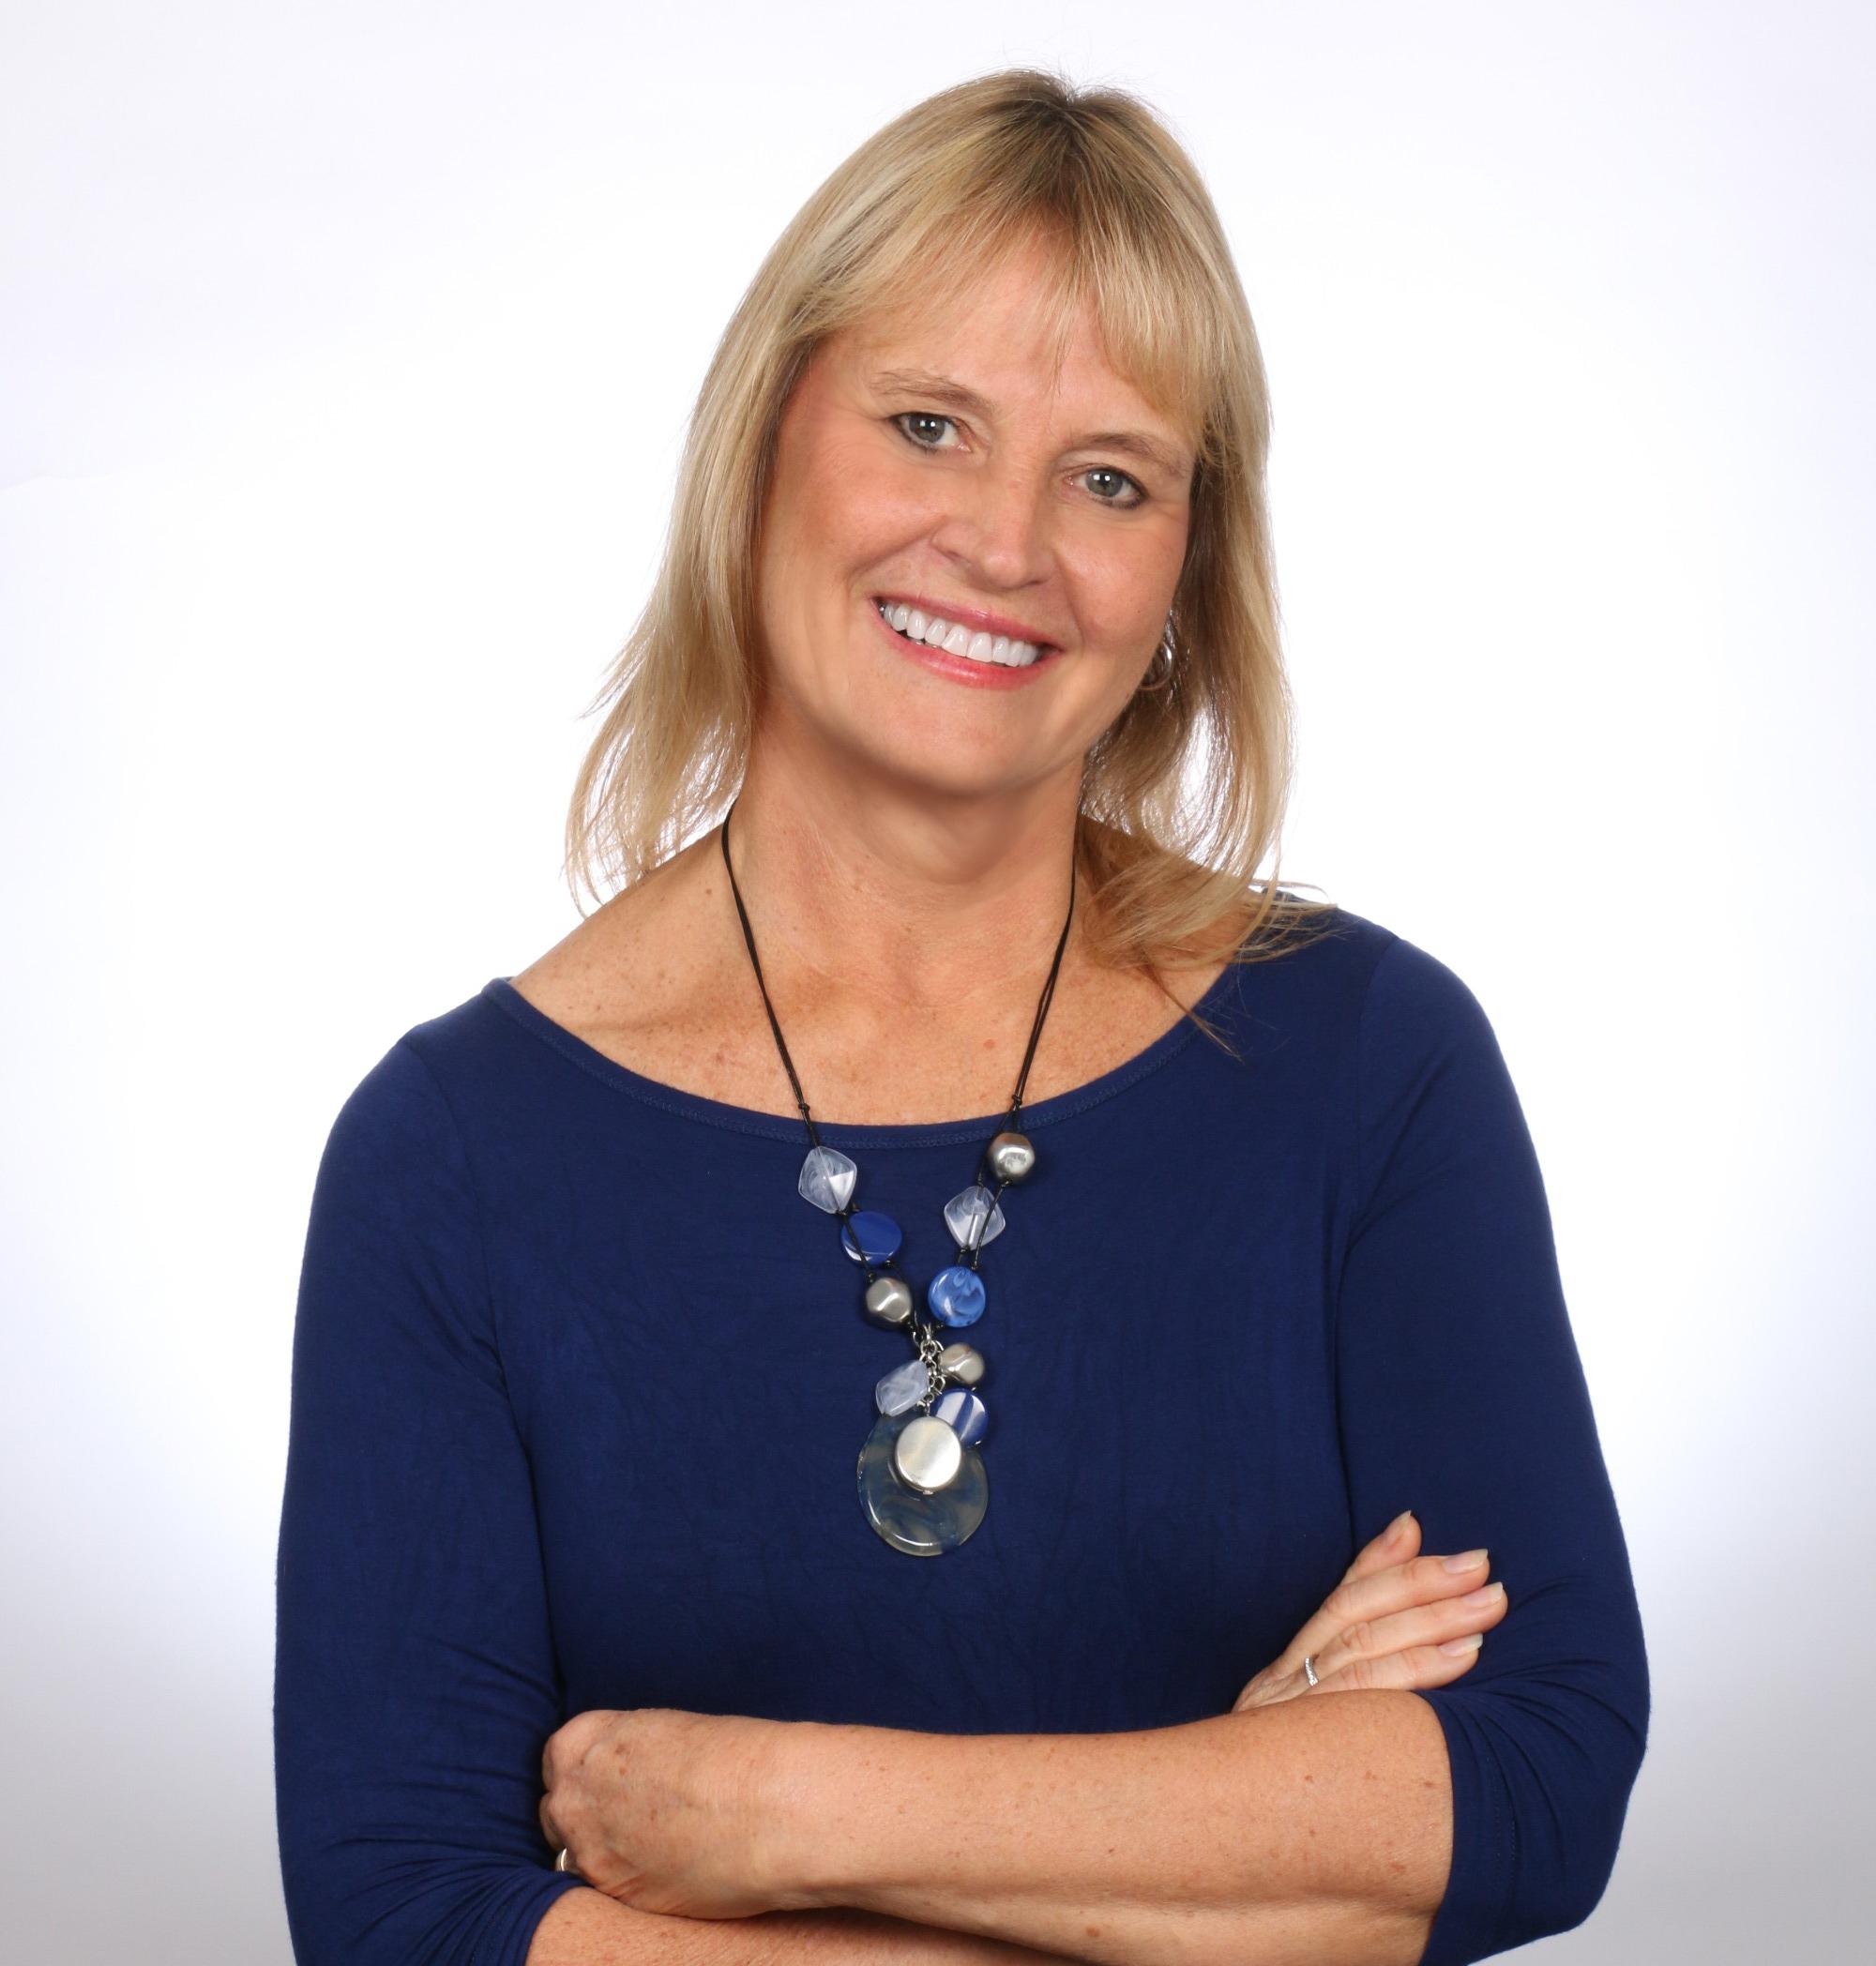 Susan Savercool